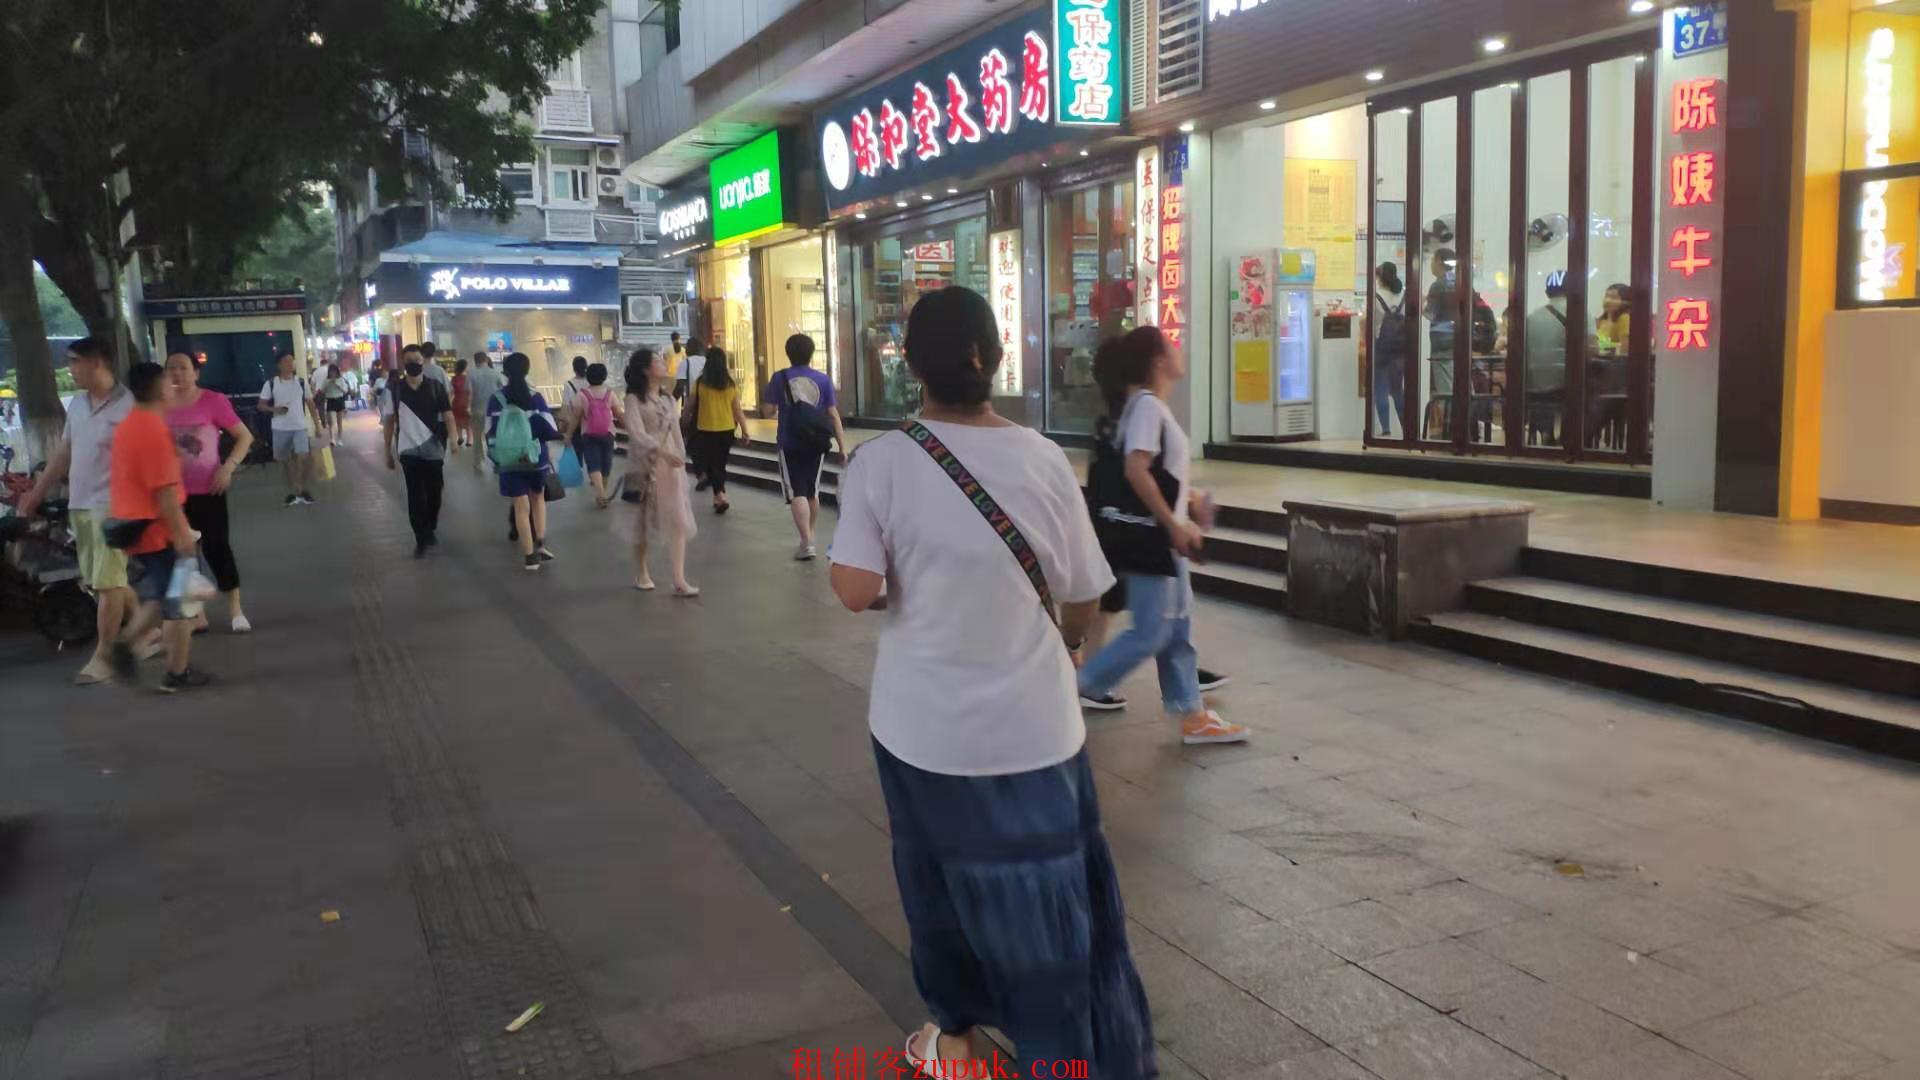 中山八路沿街餐饮铺位,荔湾步行街核心旺铺招租,先到先得